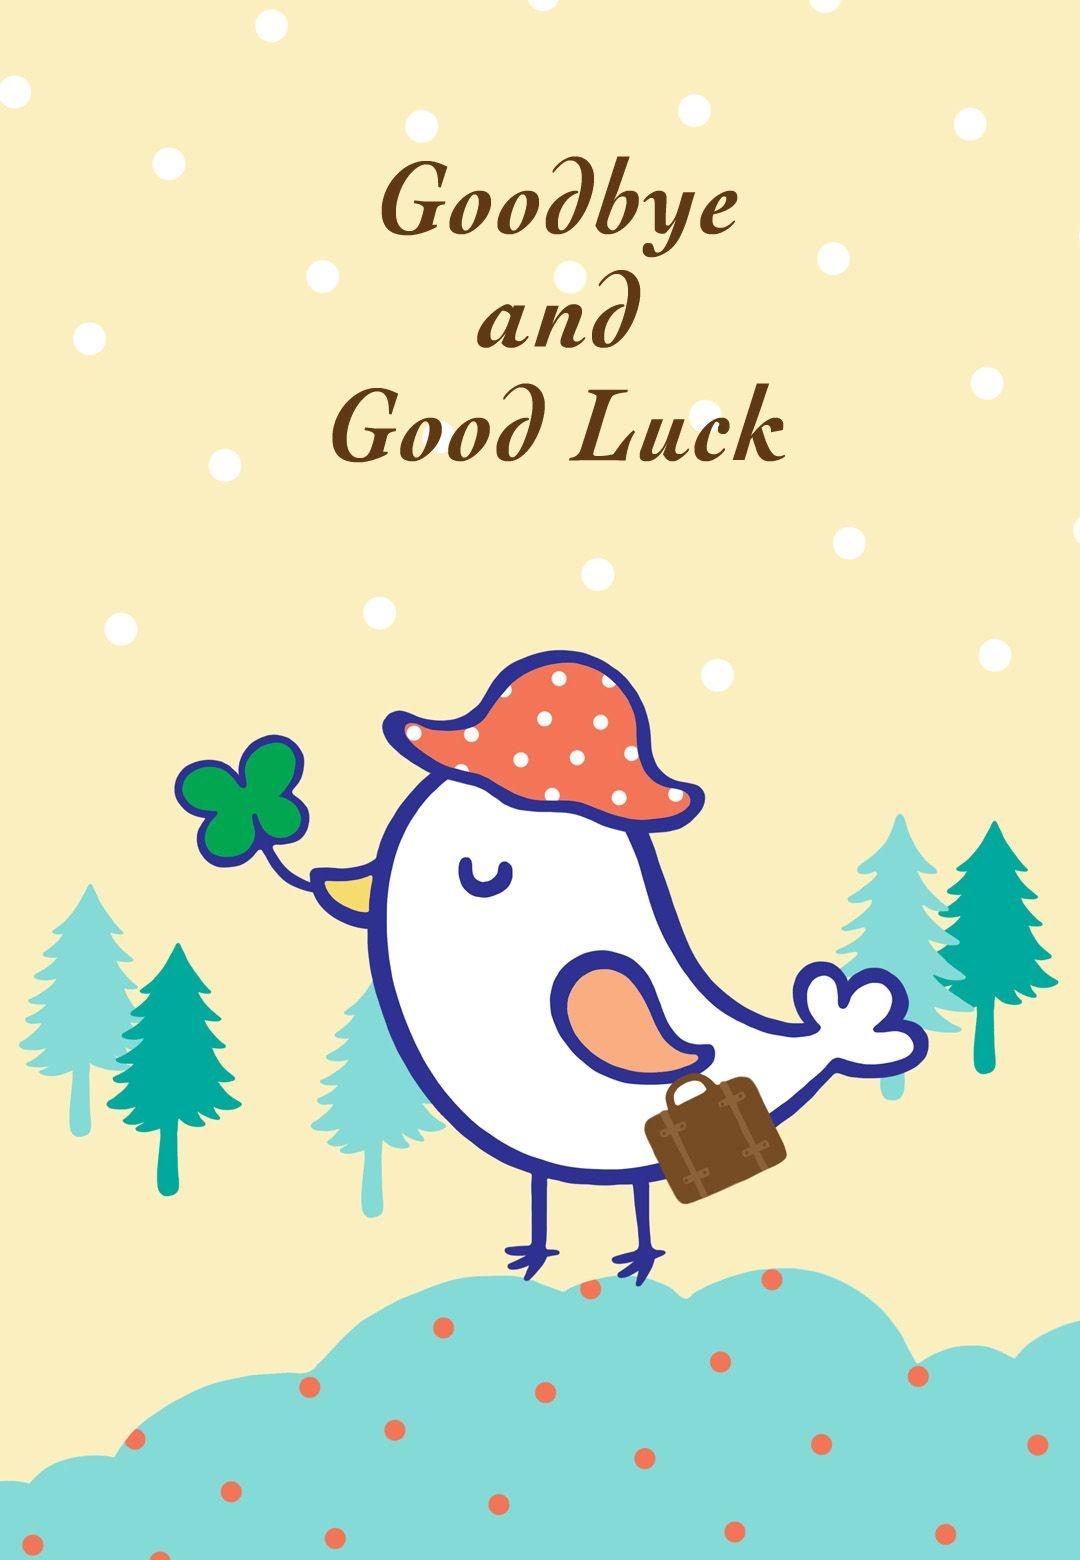 Free Printable Goodbye And Good Luck Greeting Card | Littlestar - Free Printable Good Luck Cards